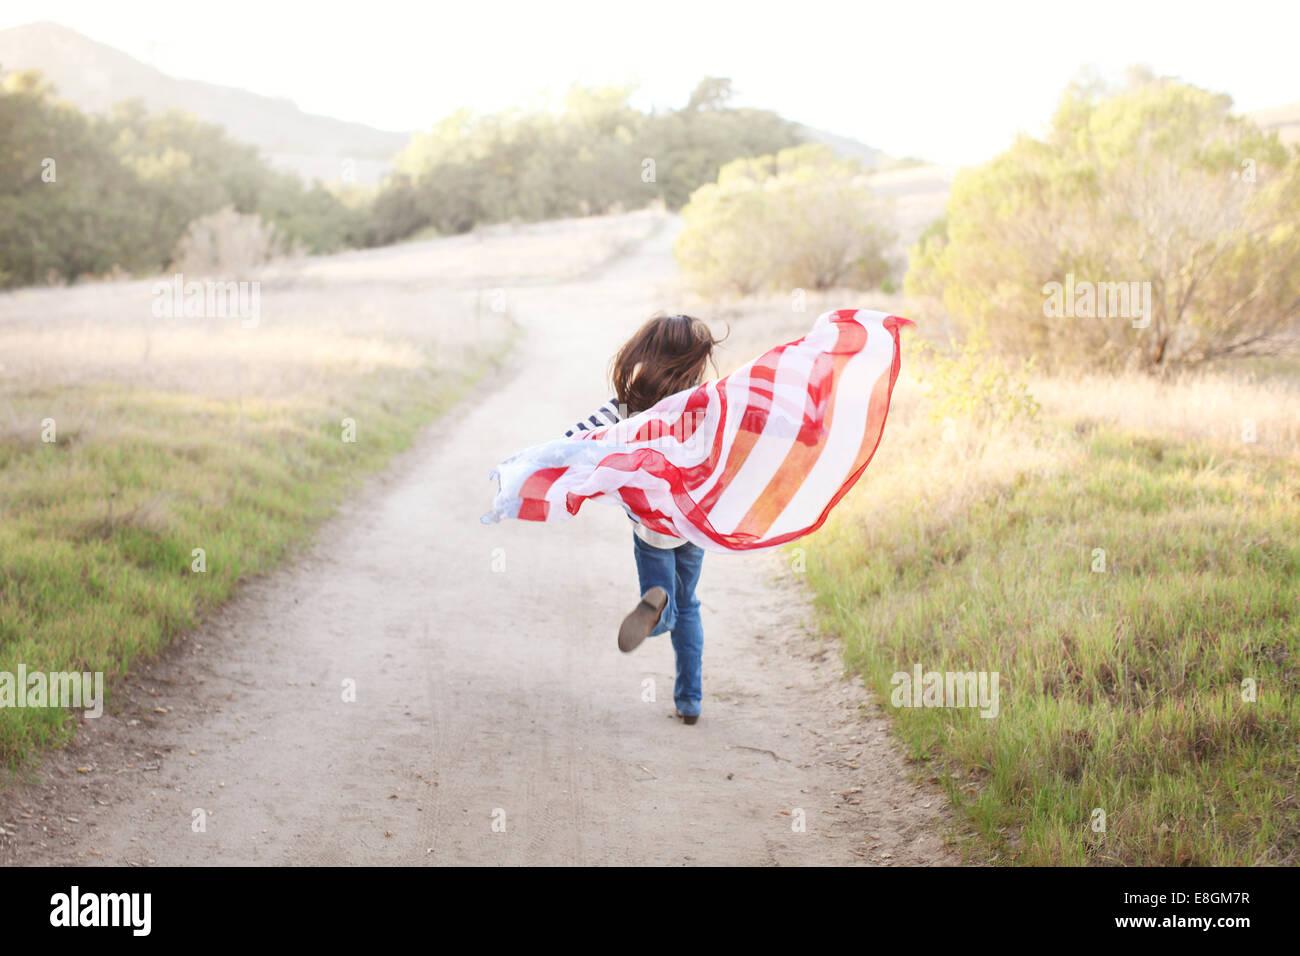 Vista trasera de la niña corriendo el sendero con bandera americana Imagen De Stock